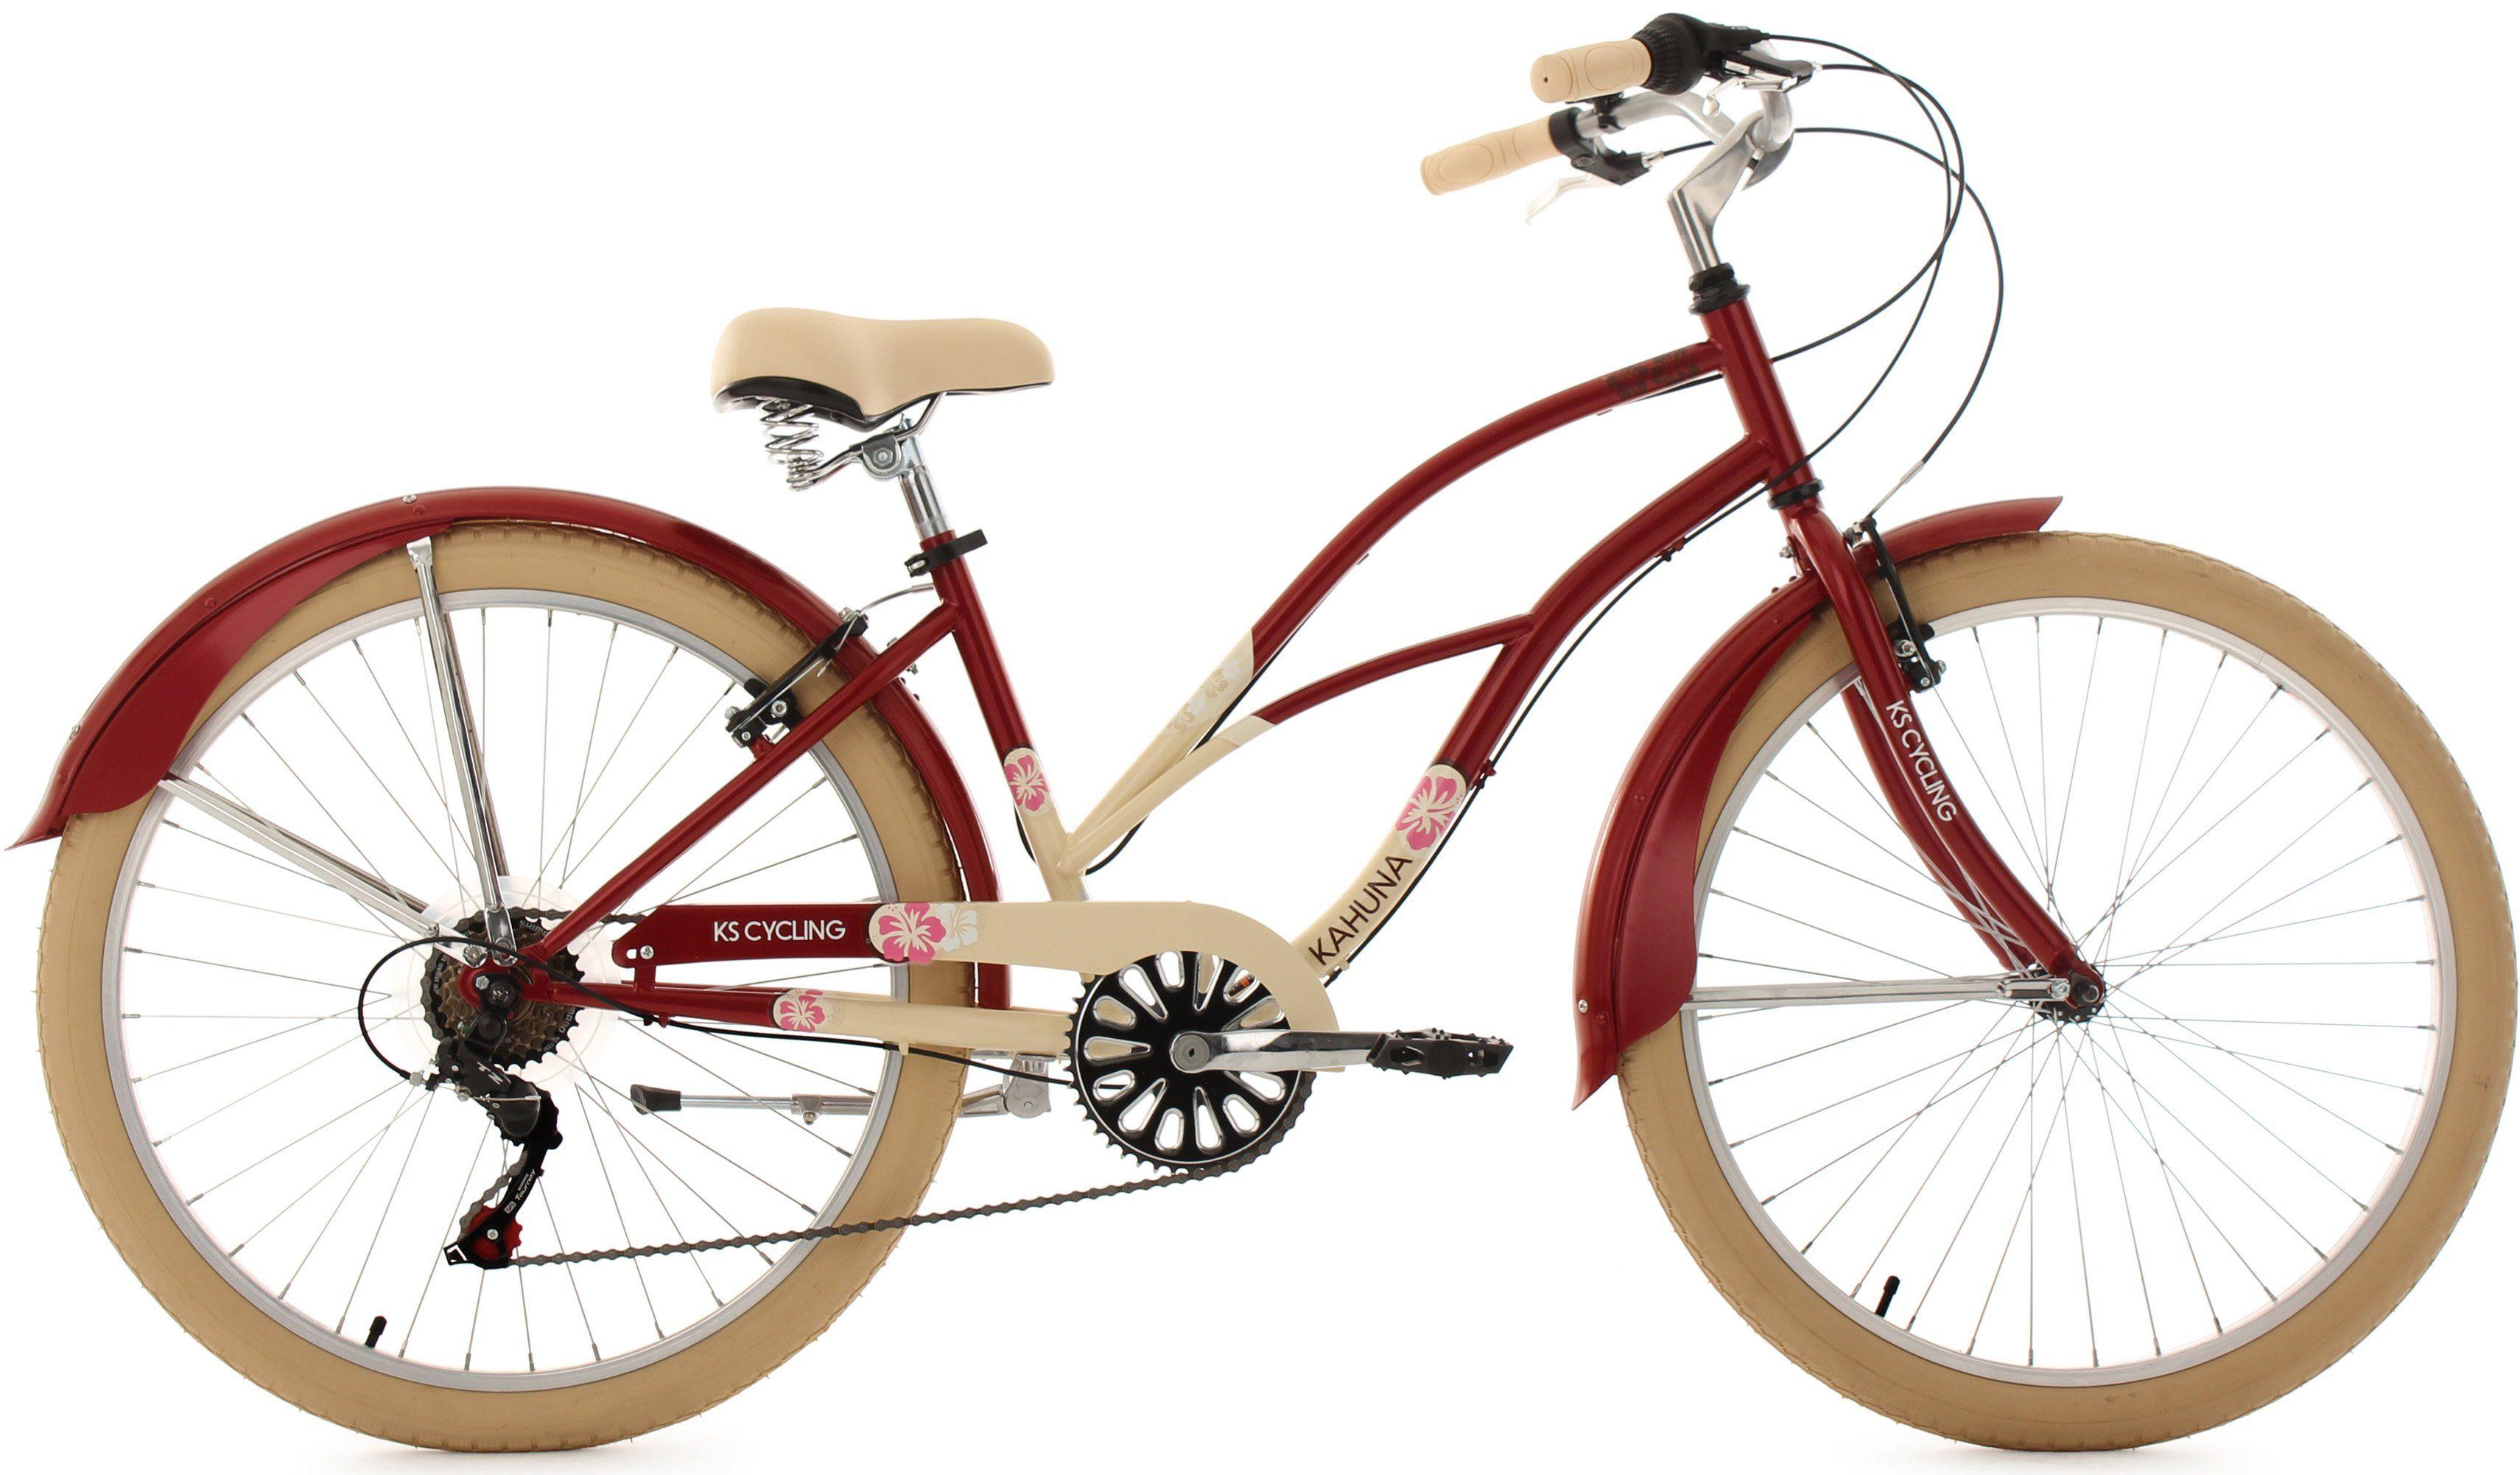 KS Cycling Beachcruiser Damen, 26 Zoll, beige-rot, 6 Gang-Kettenschaltung, »Kahuna«